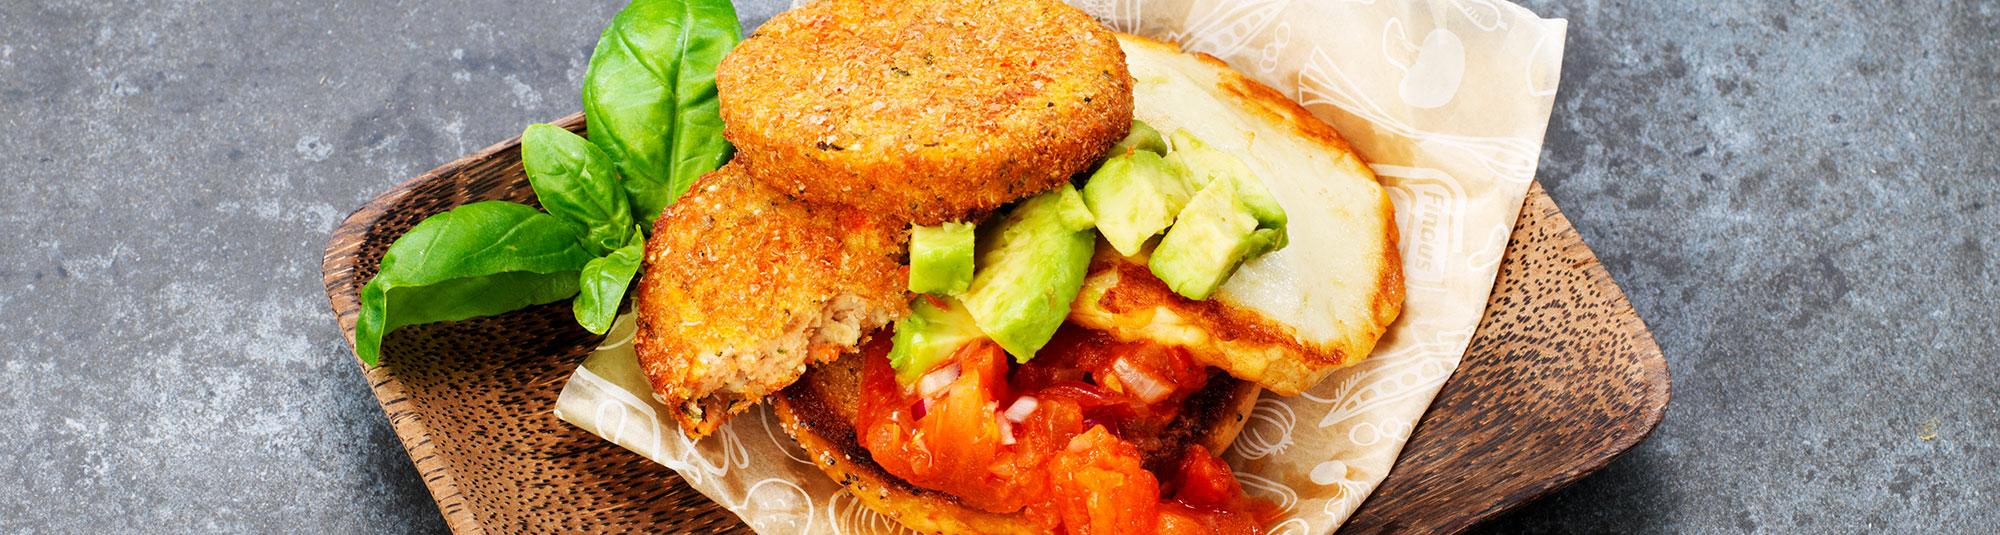 Toast med Quinoa- och sötpotatisbiffar, halloumi och avokado